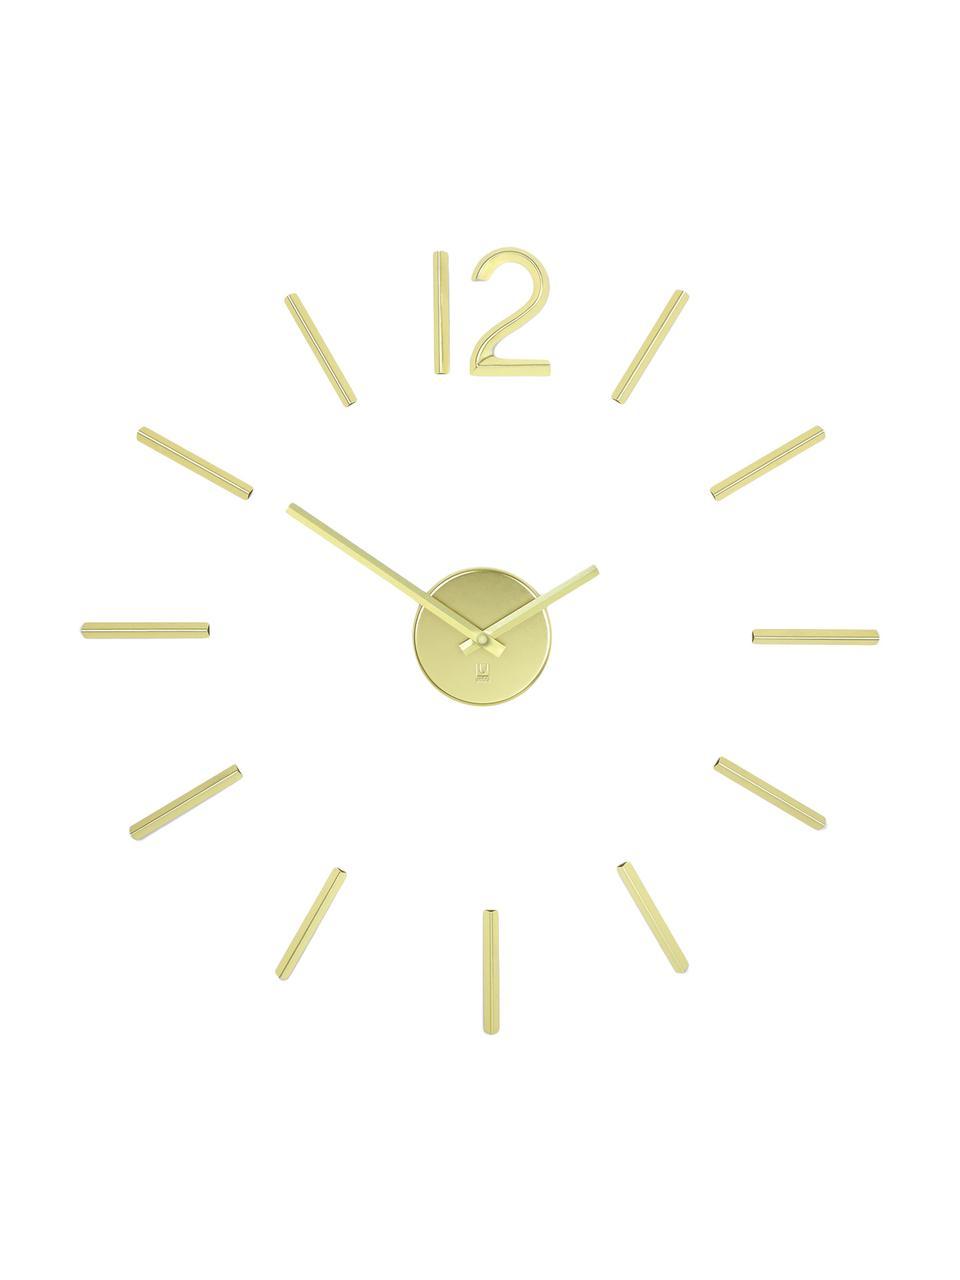 Wanduhr-Bausatz Blink, Metall, beschichtet, Goldfarben, Ø 100 cm